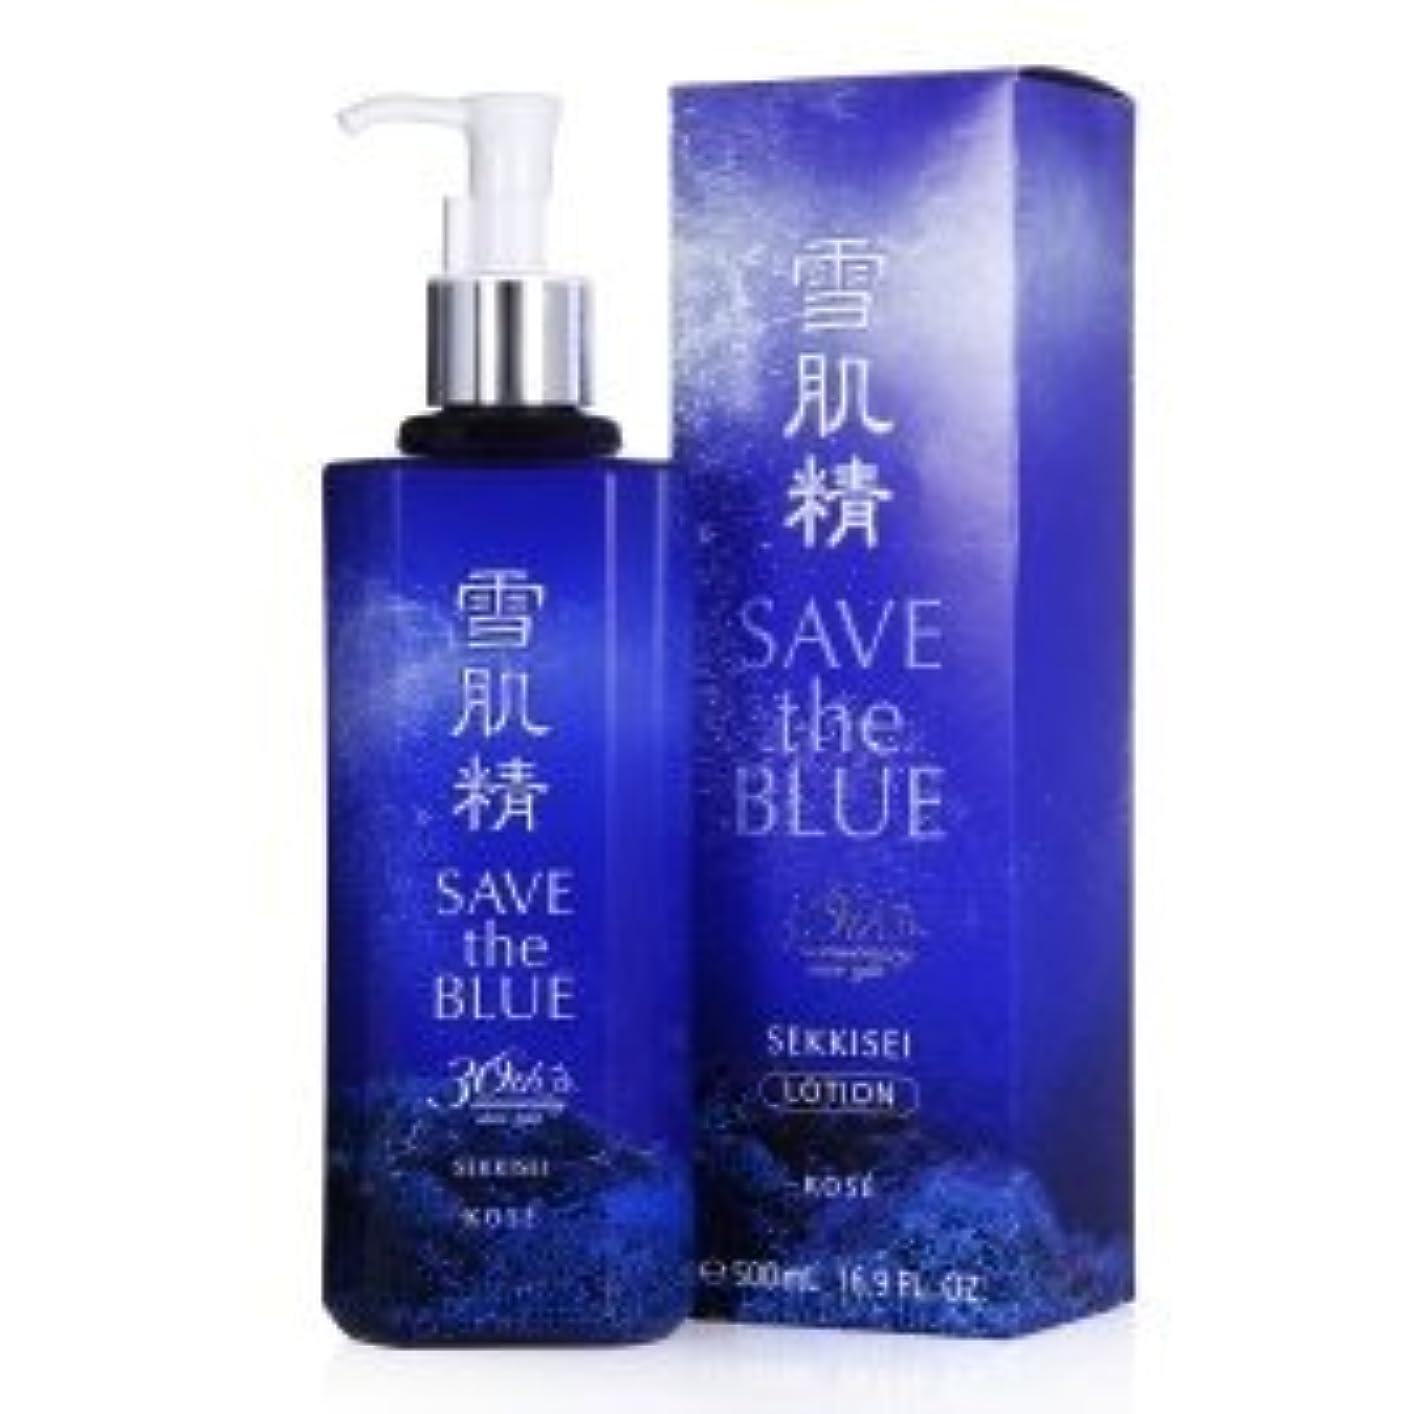 下向きモスクコピーKOSE コーセー 薬用 雪肌精 化粧水 500ml 【SAVE the BLUE】